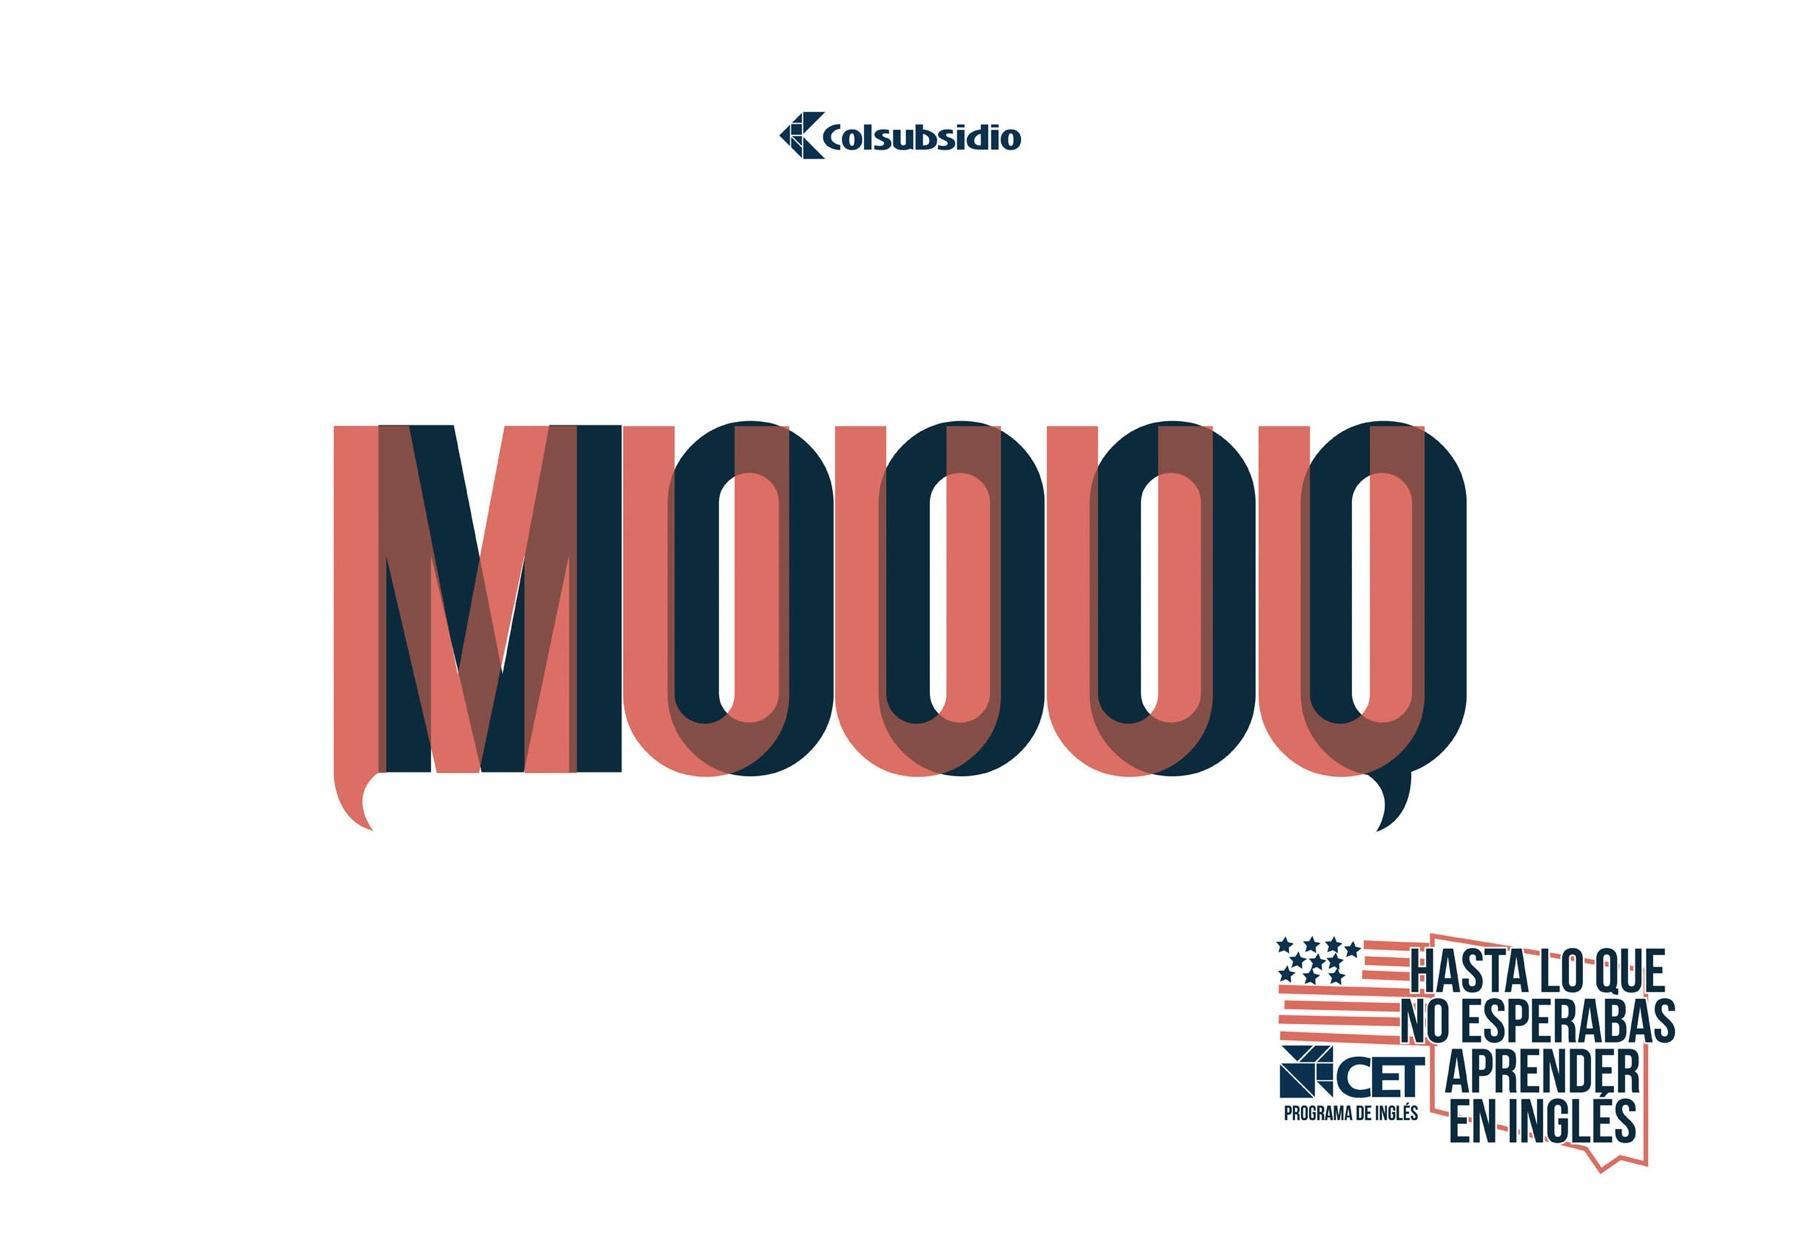 Colsubsidio Print Ad -  Moo